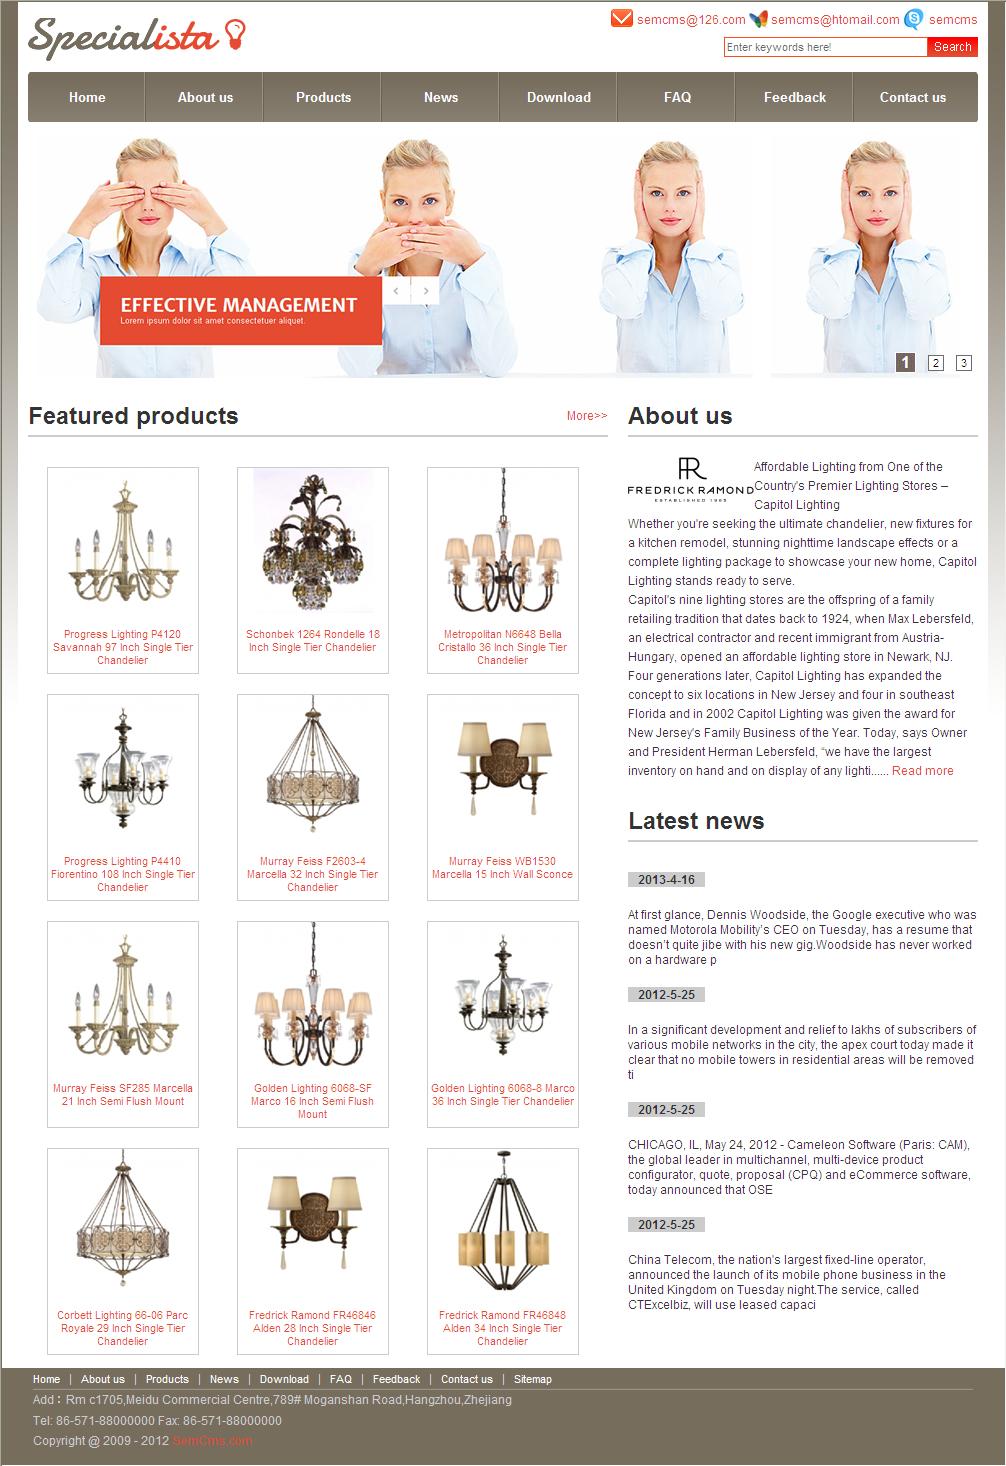 semcms外贸网站英文网站模版